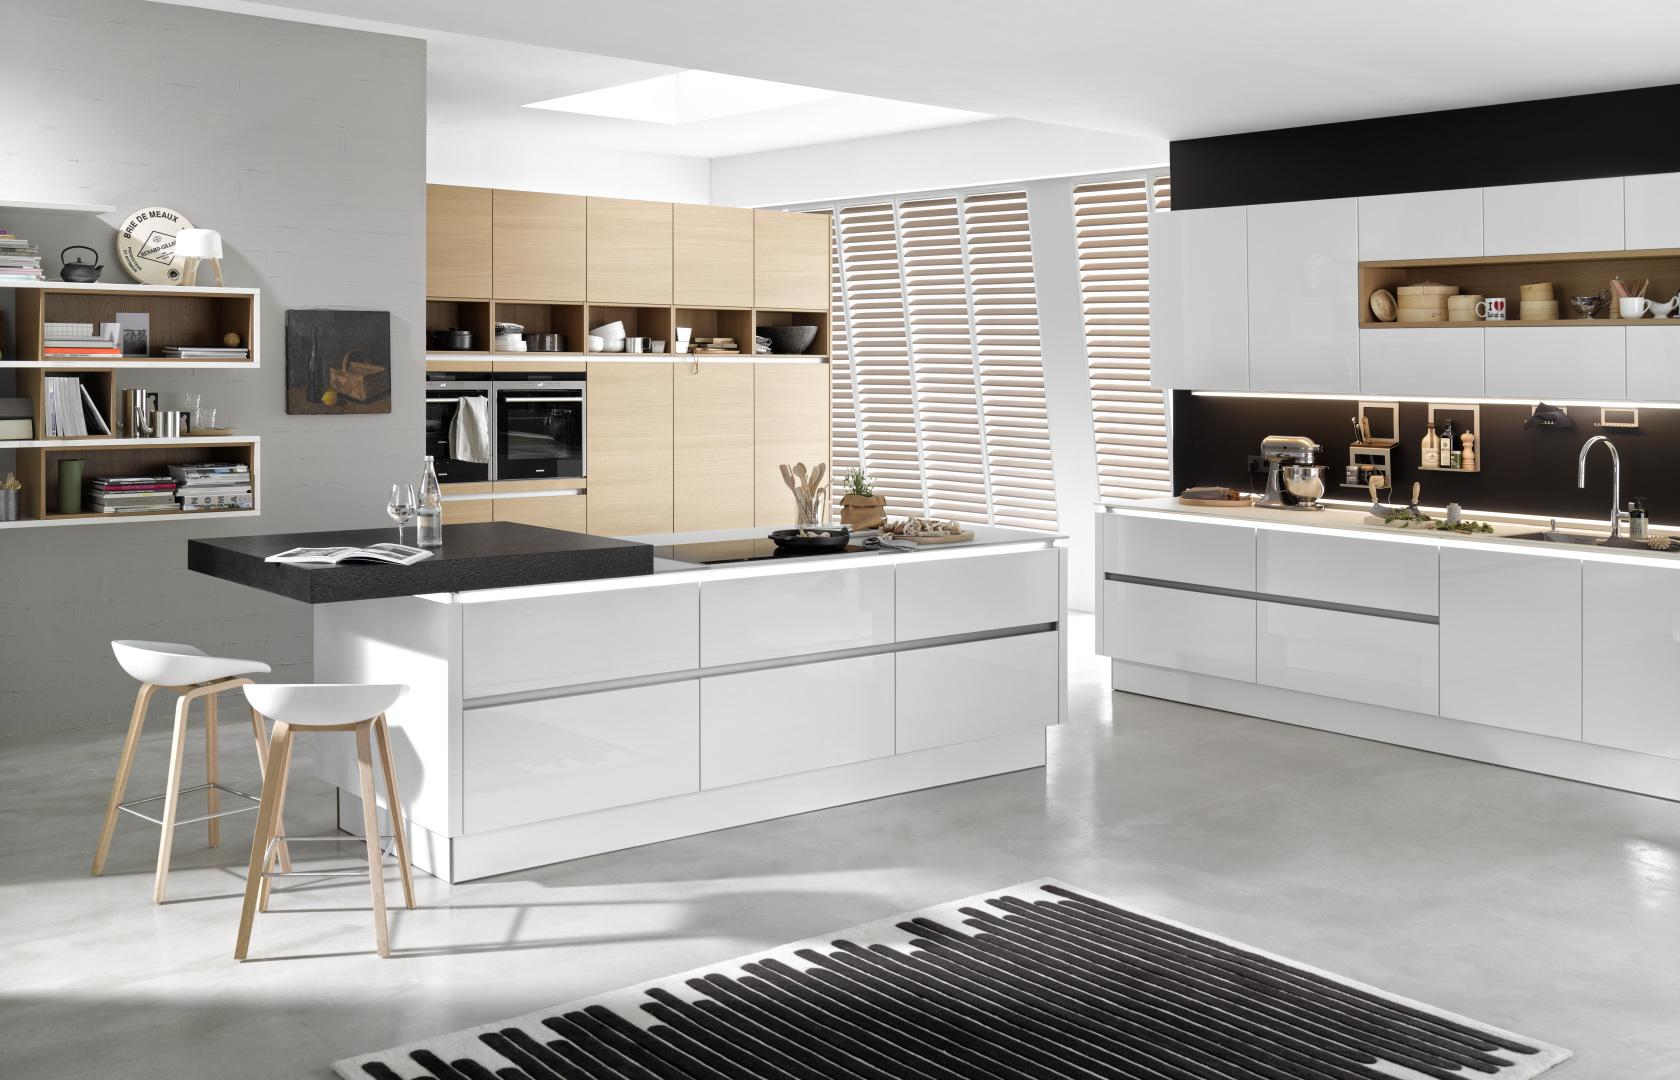 Las 5 razones por las que modernizar tu cocina.